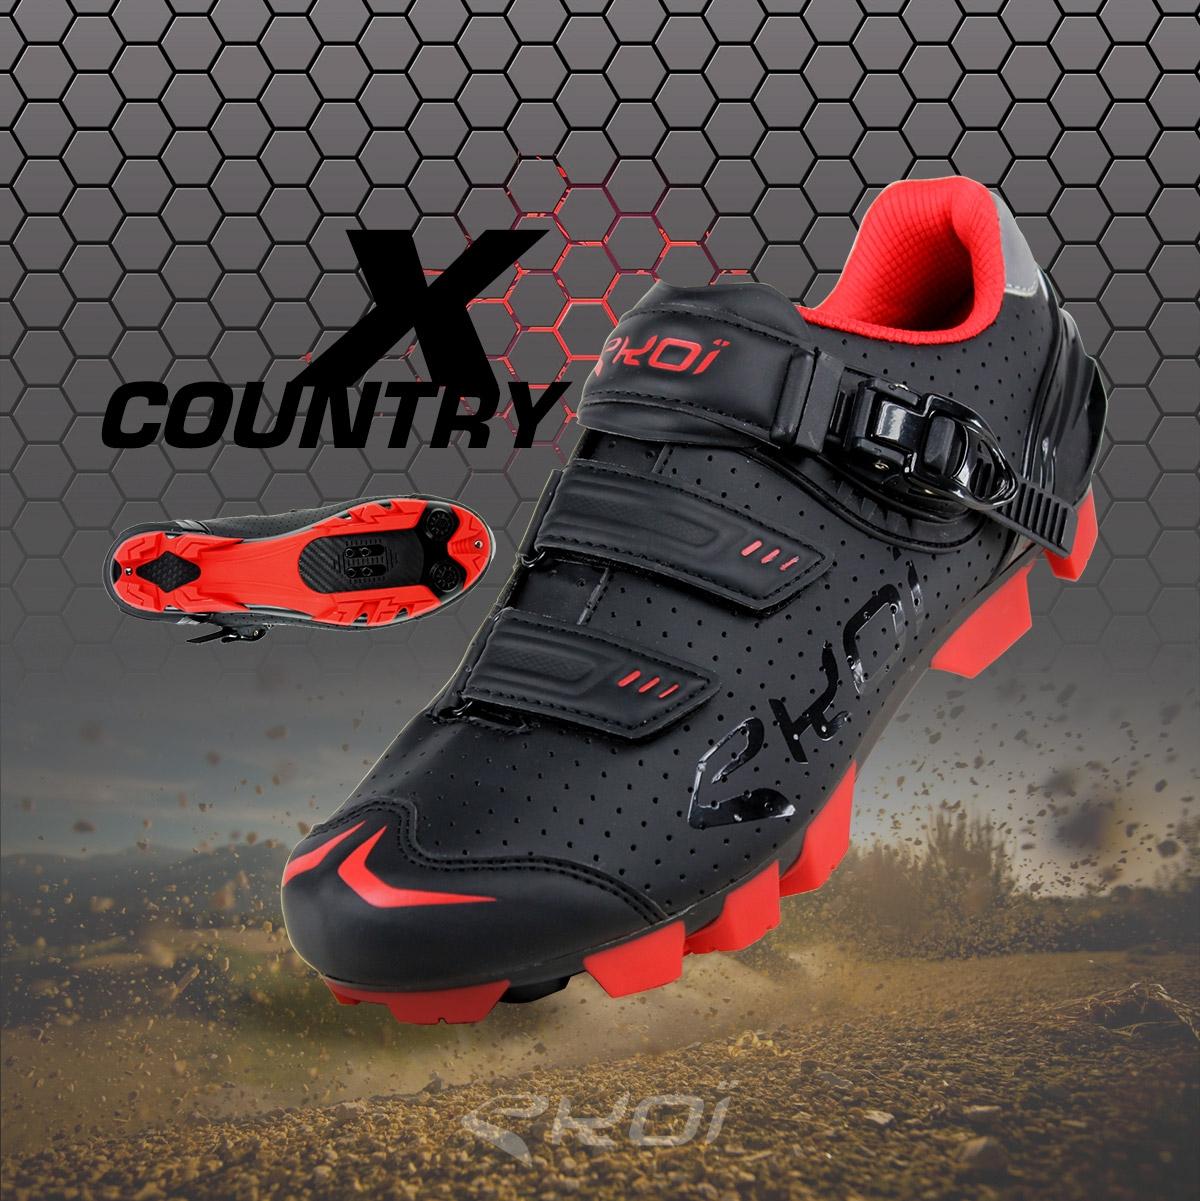 comparer les prix les plus récents élégant et gracieux chaussure vtt ekoi,chaussures vtt ekoi black mtb